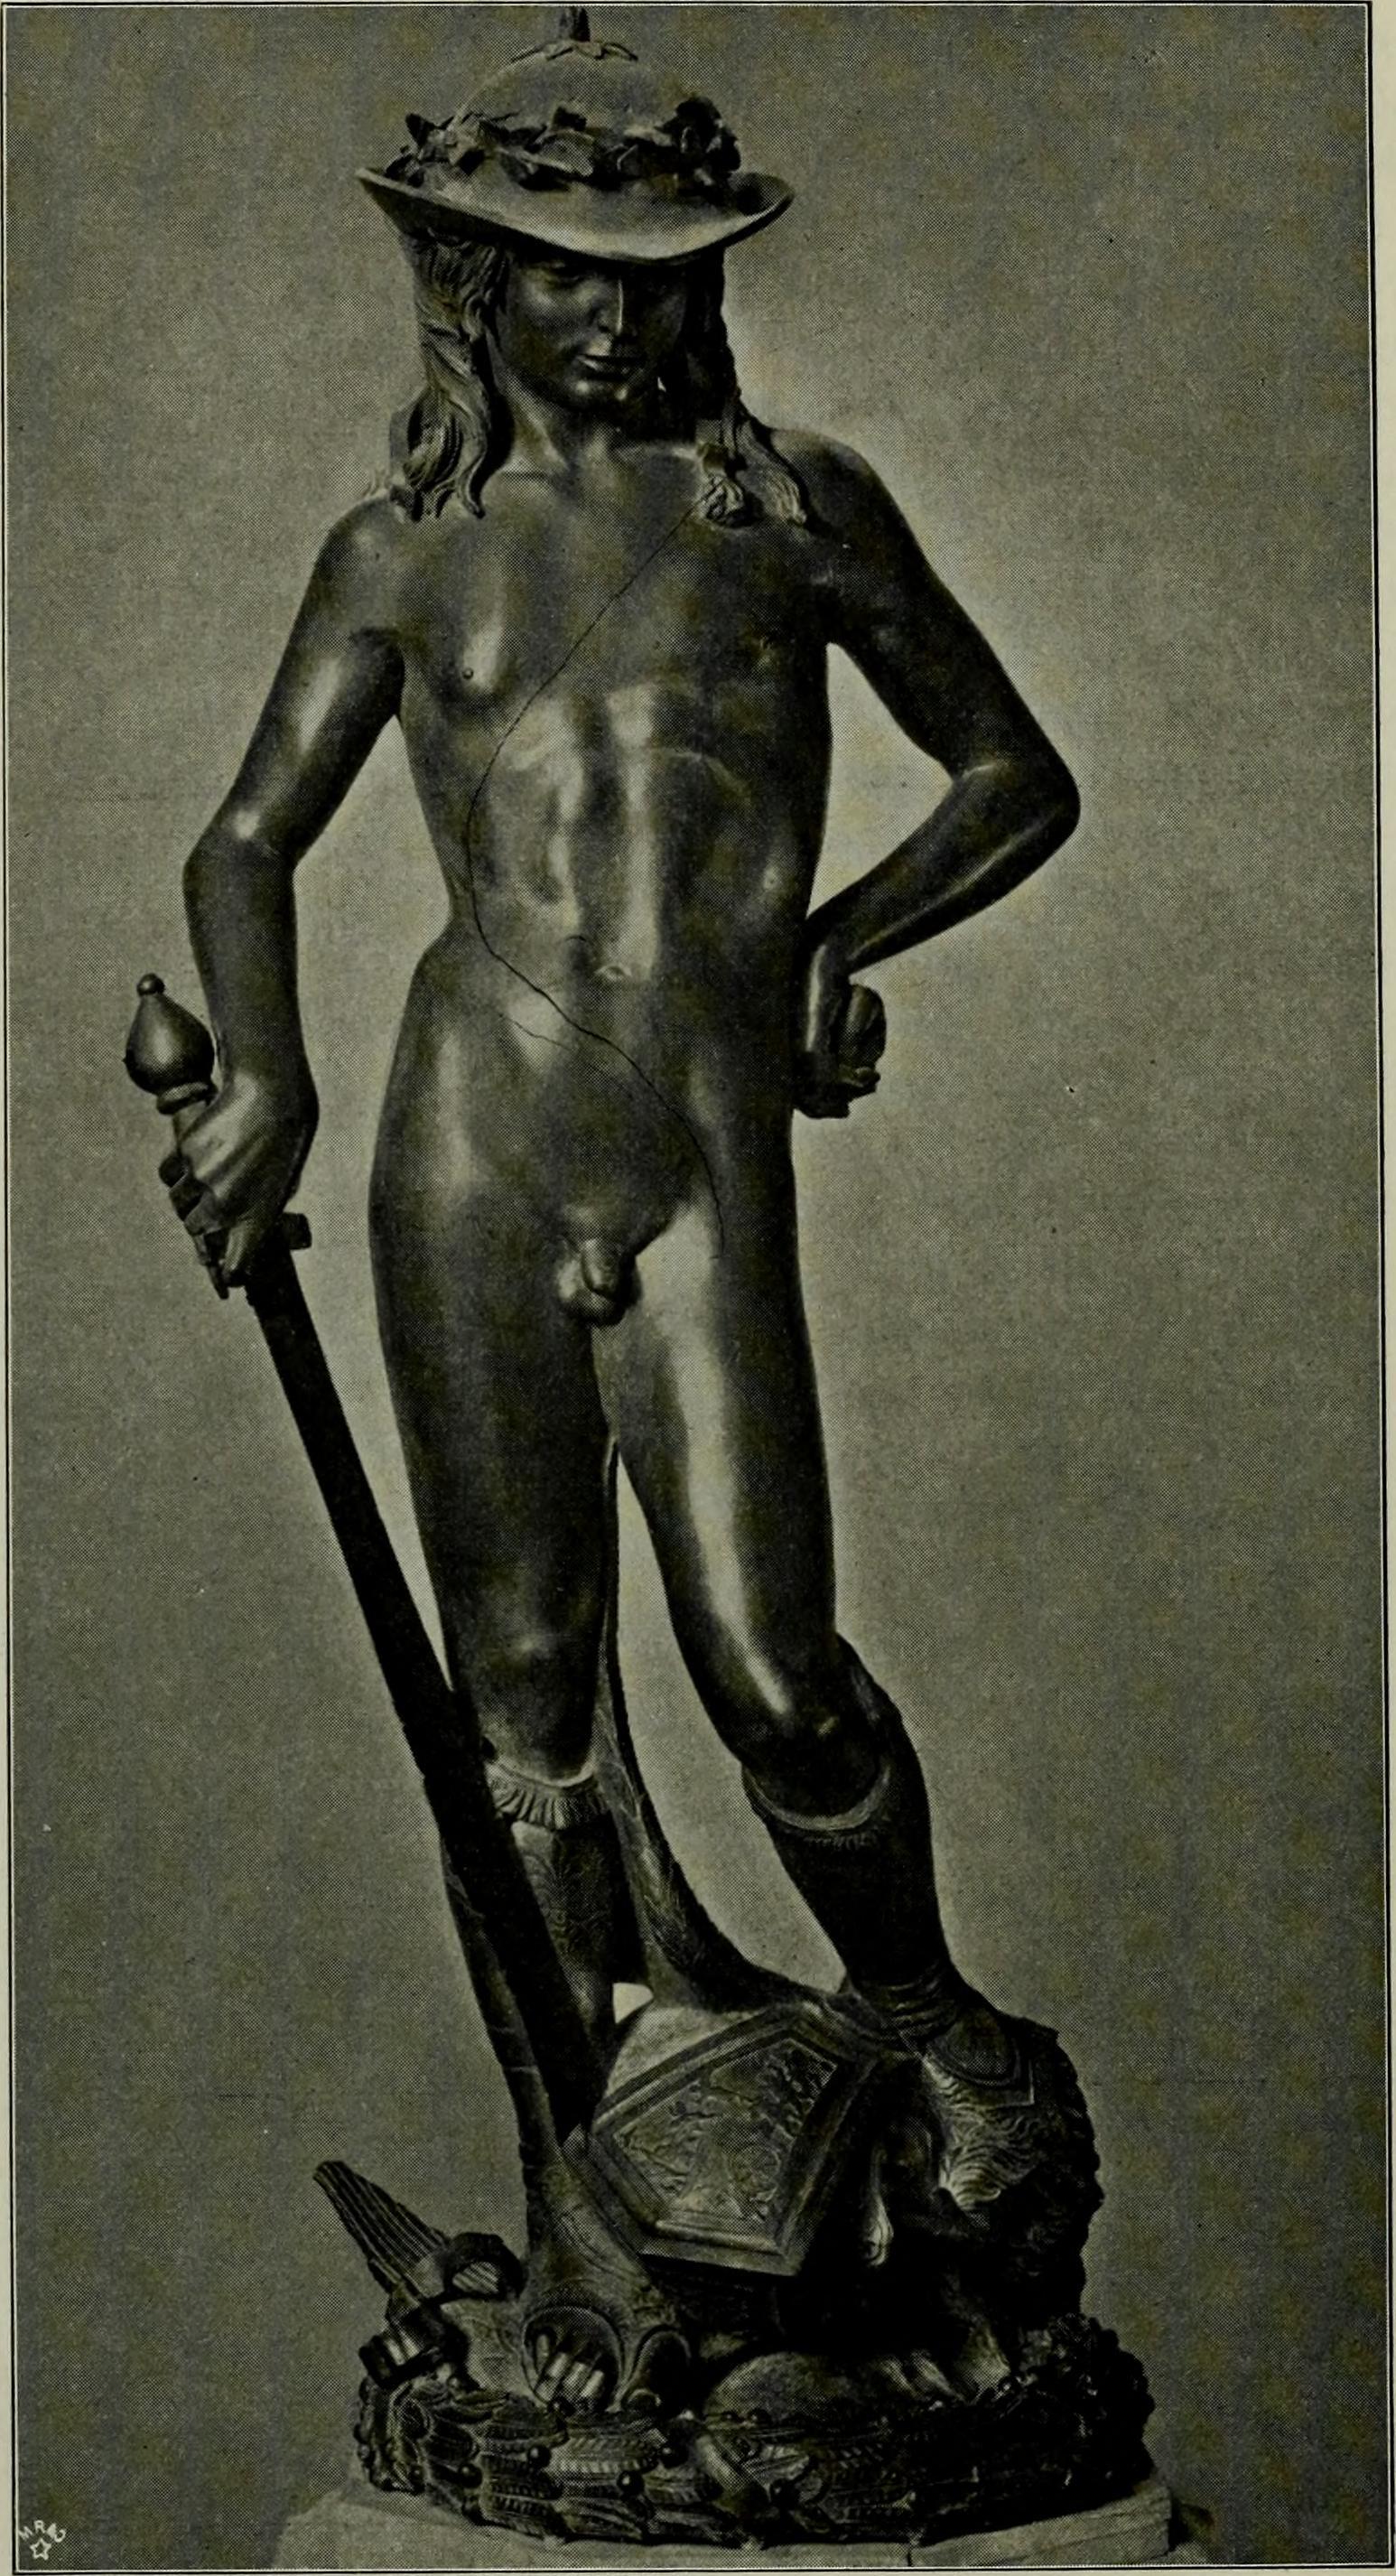 скульптуре Давида Донателло (1430-1440) — одной из самых эротичных работ в истории искусства. Эта хрупкая фигура молодого человека в элегантных ботинках и странной шляпой держит меч в головокружительной и величественной позе.